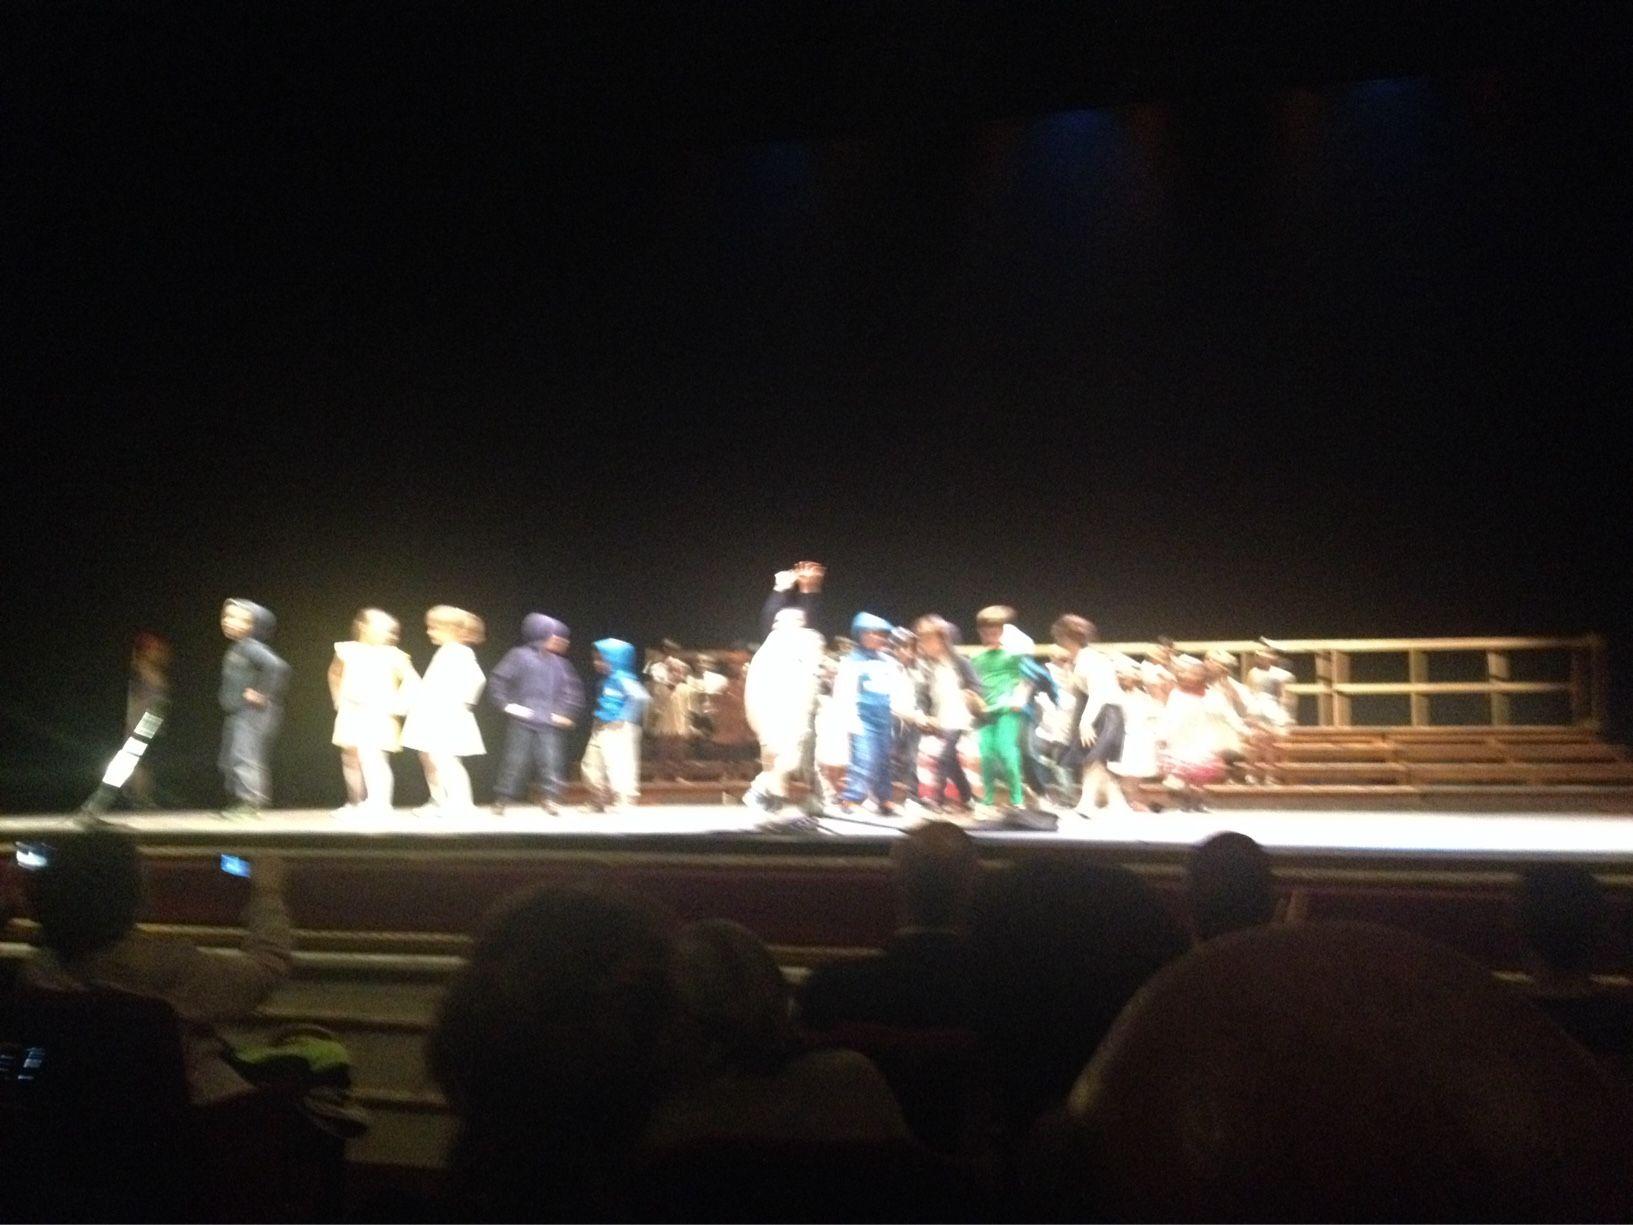 Teatro La Pergola - Firenze I nostri figli - Kassel 2015 http://goo.gl/dVawMN